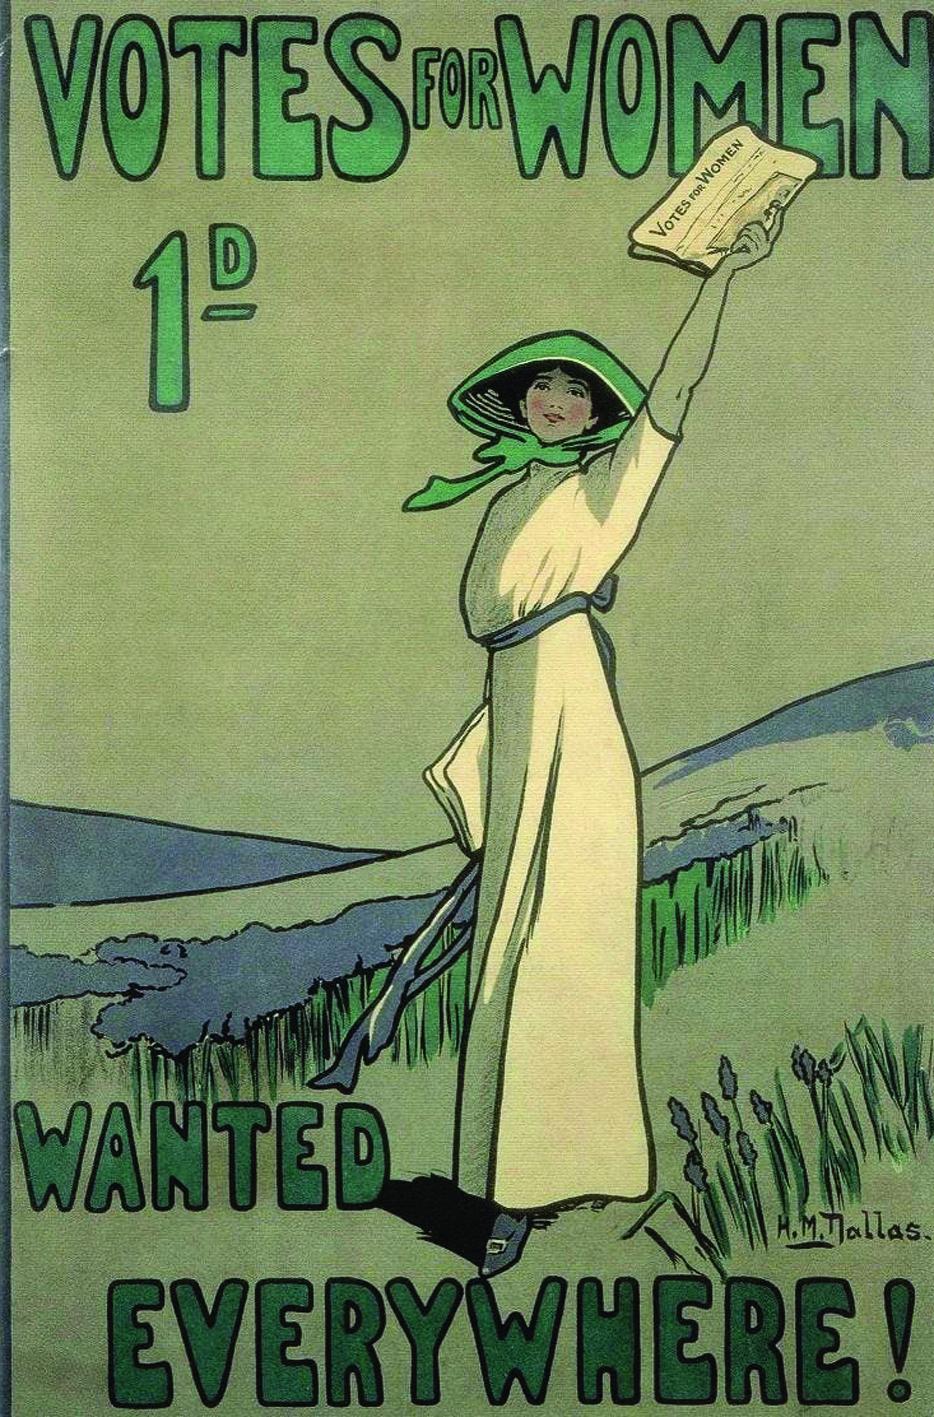 Хильда Даллас. Постер «Право голоса для женщин» для газеты с аналогичным названием. 1909 год